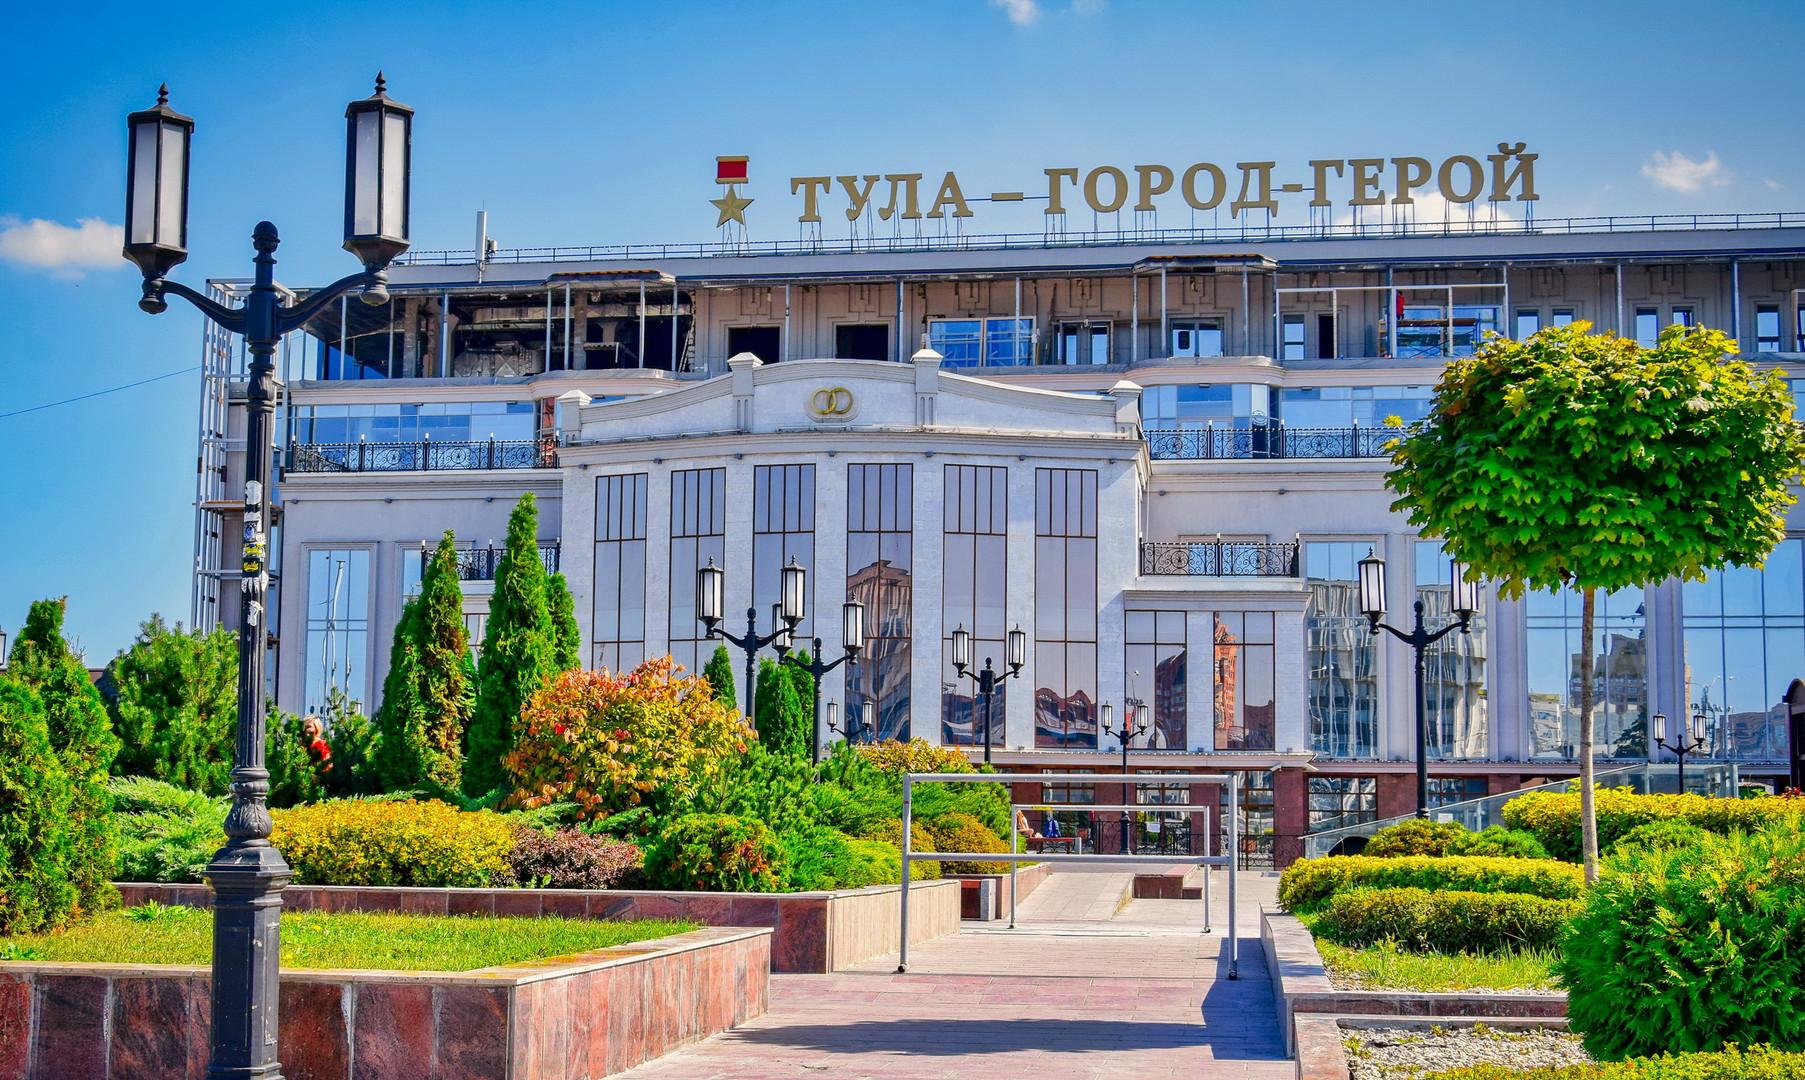 Площадь Ленина, Тула